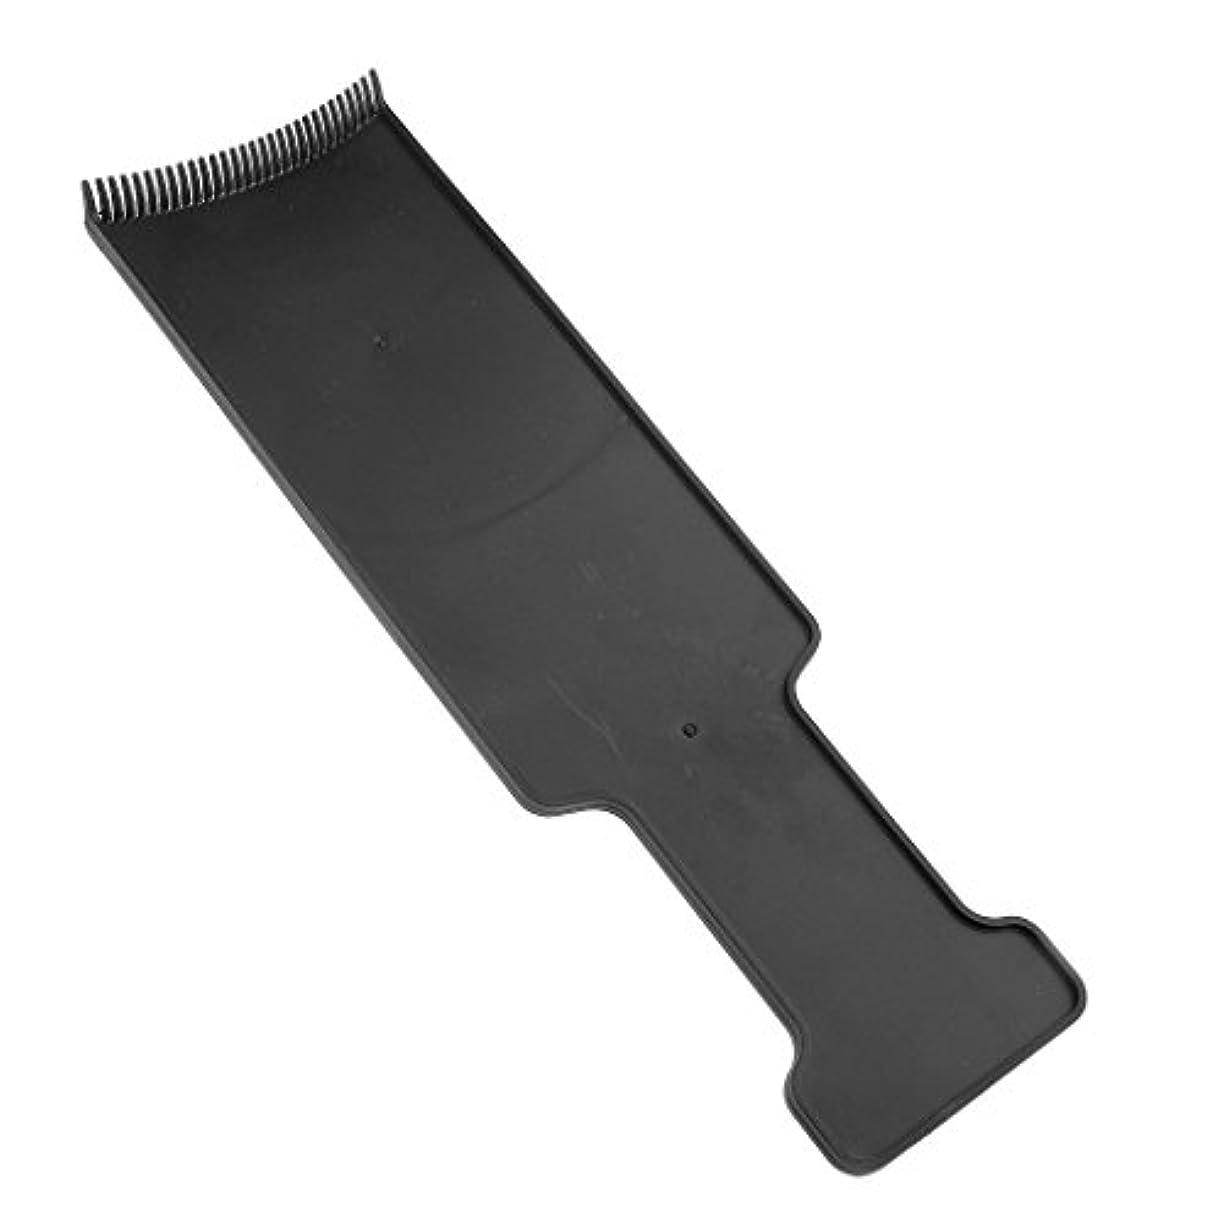 せせらぎ推進、動かす建てるサロン ヘアカラー ボード ヘア 染色 ツール ブラック 全4サイズ - M